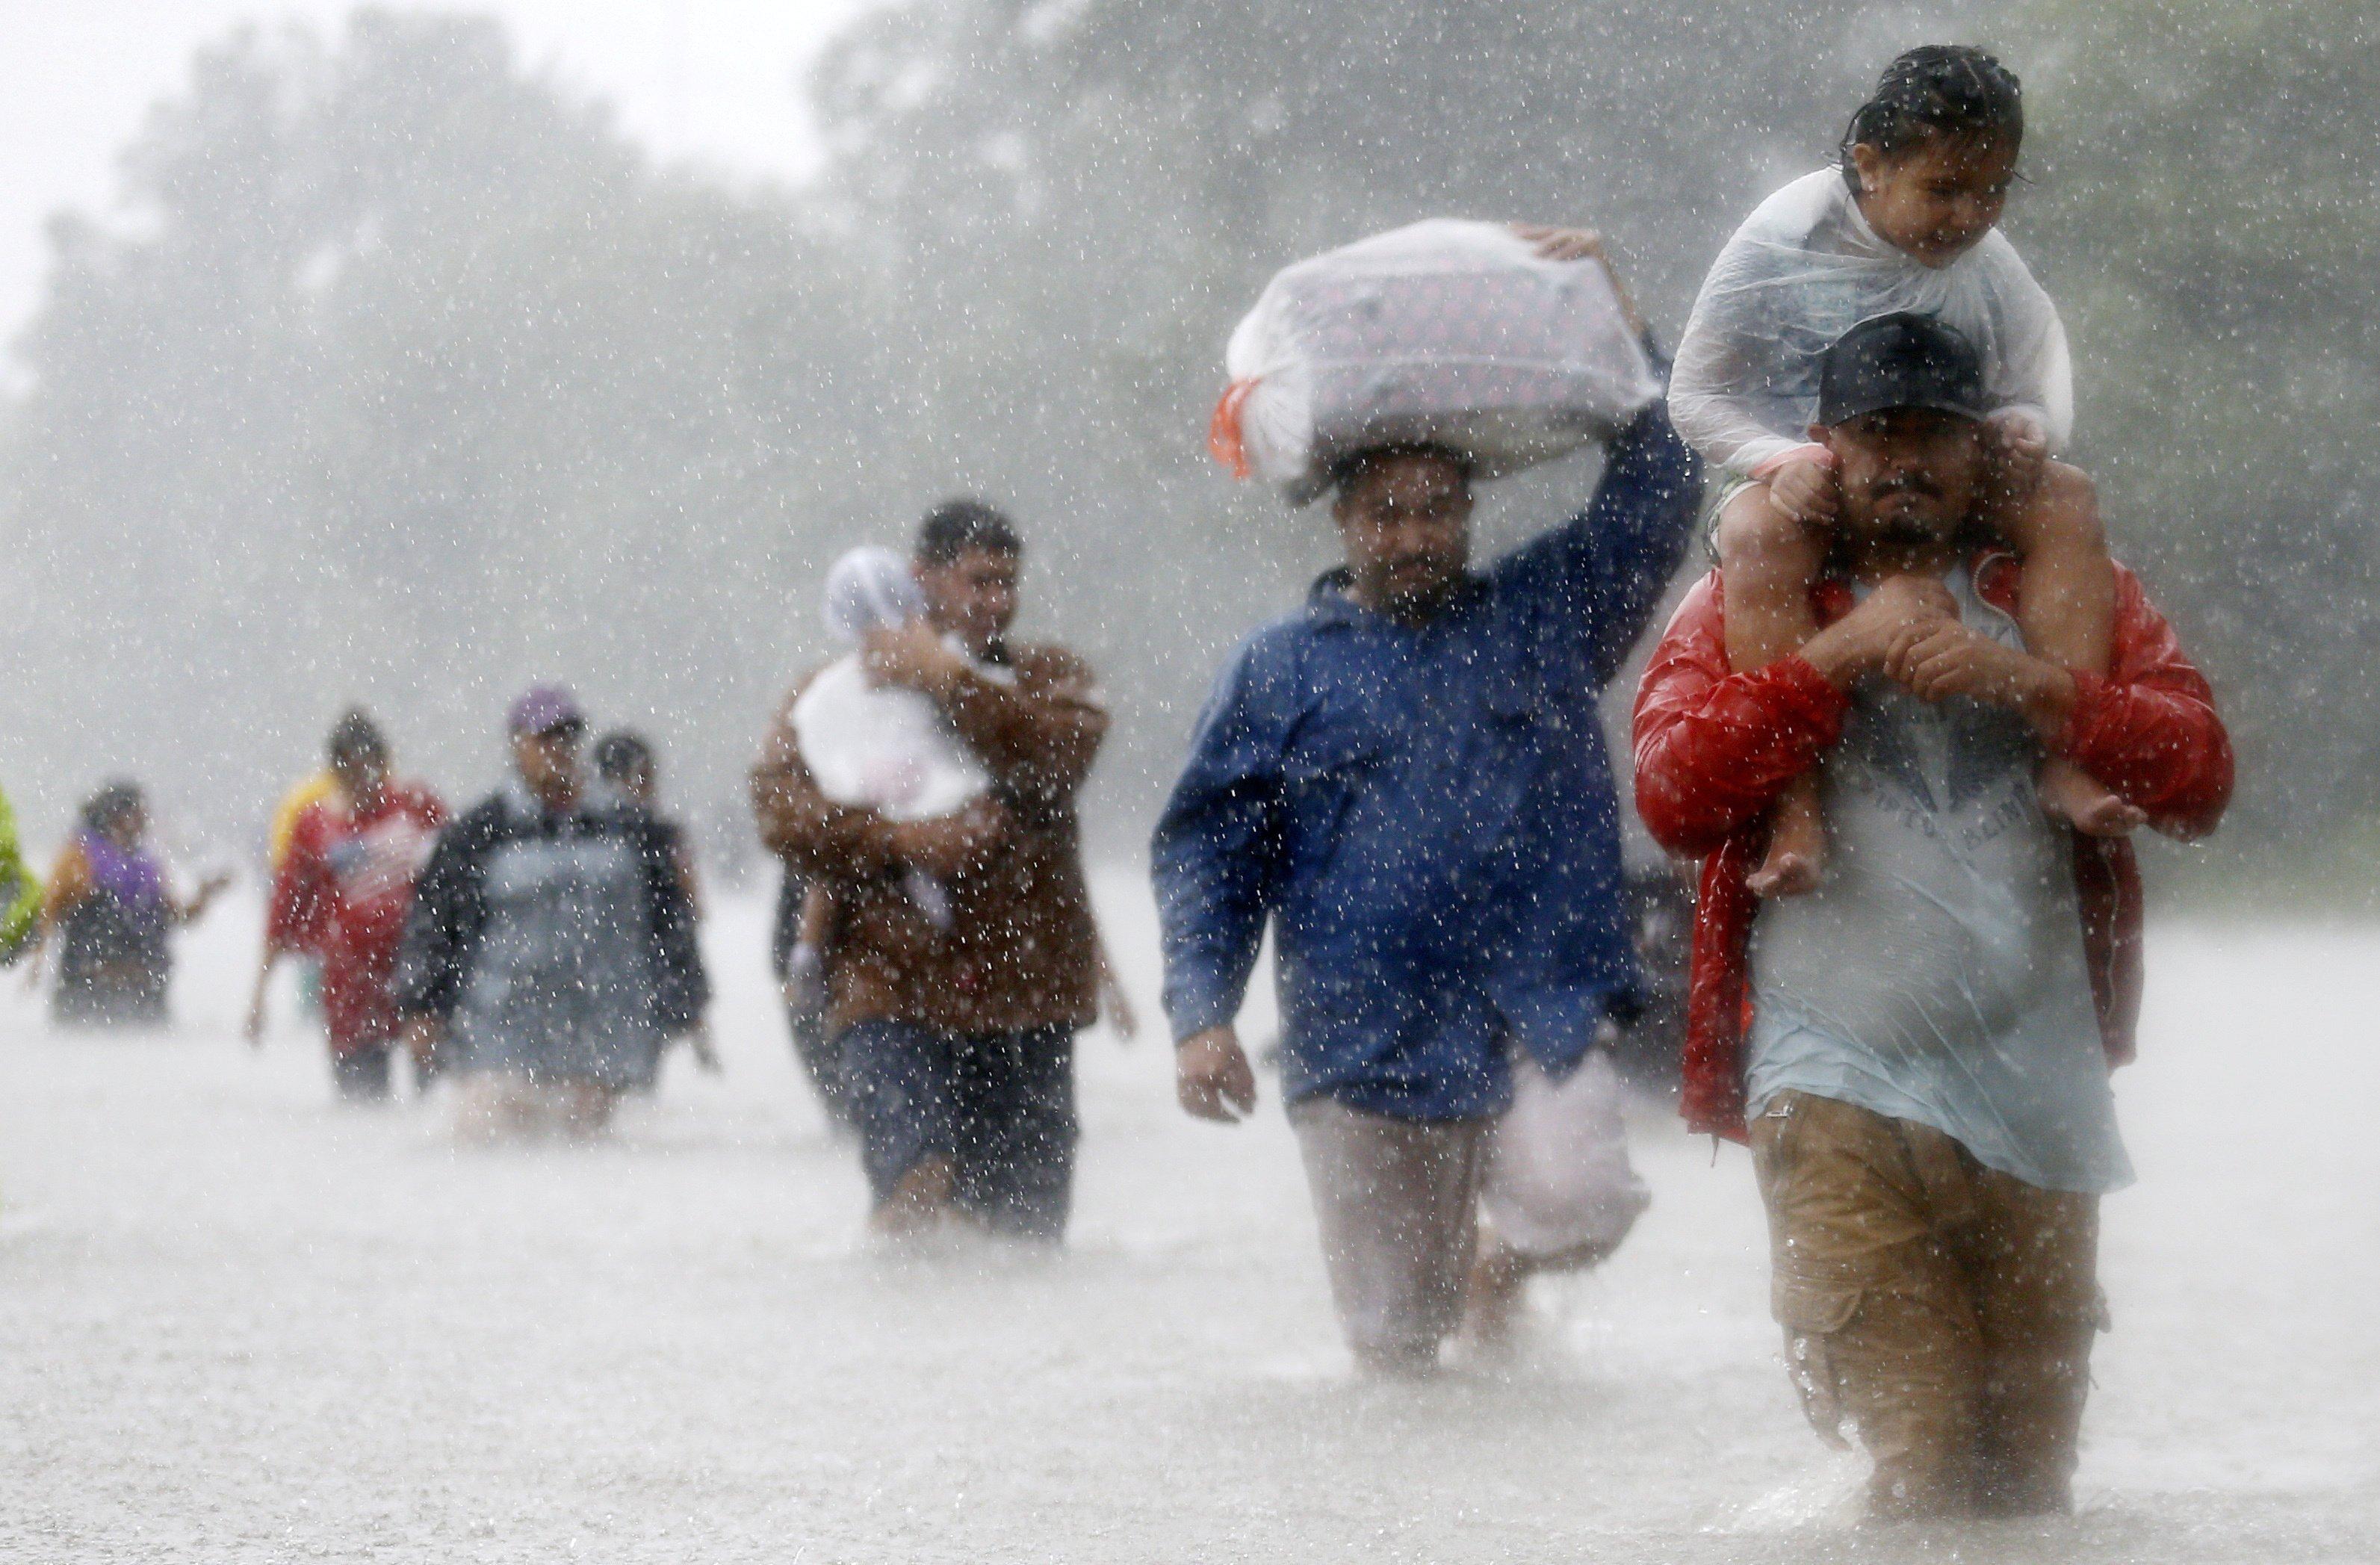 Pessoas caminham pela enchente provocada pela passagem do furacão Harvey em Houston, dia 28/08/2017